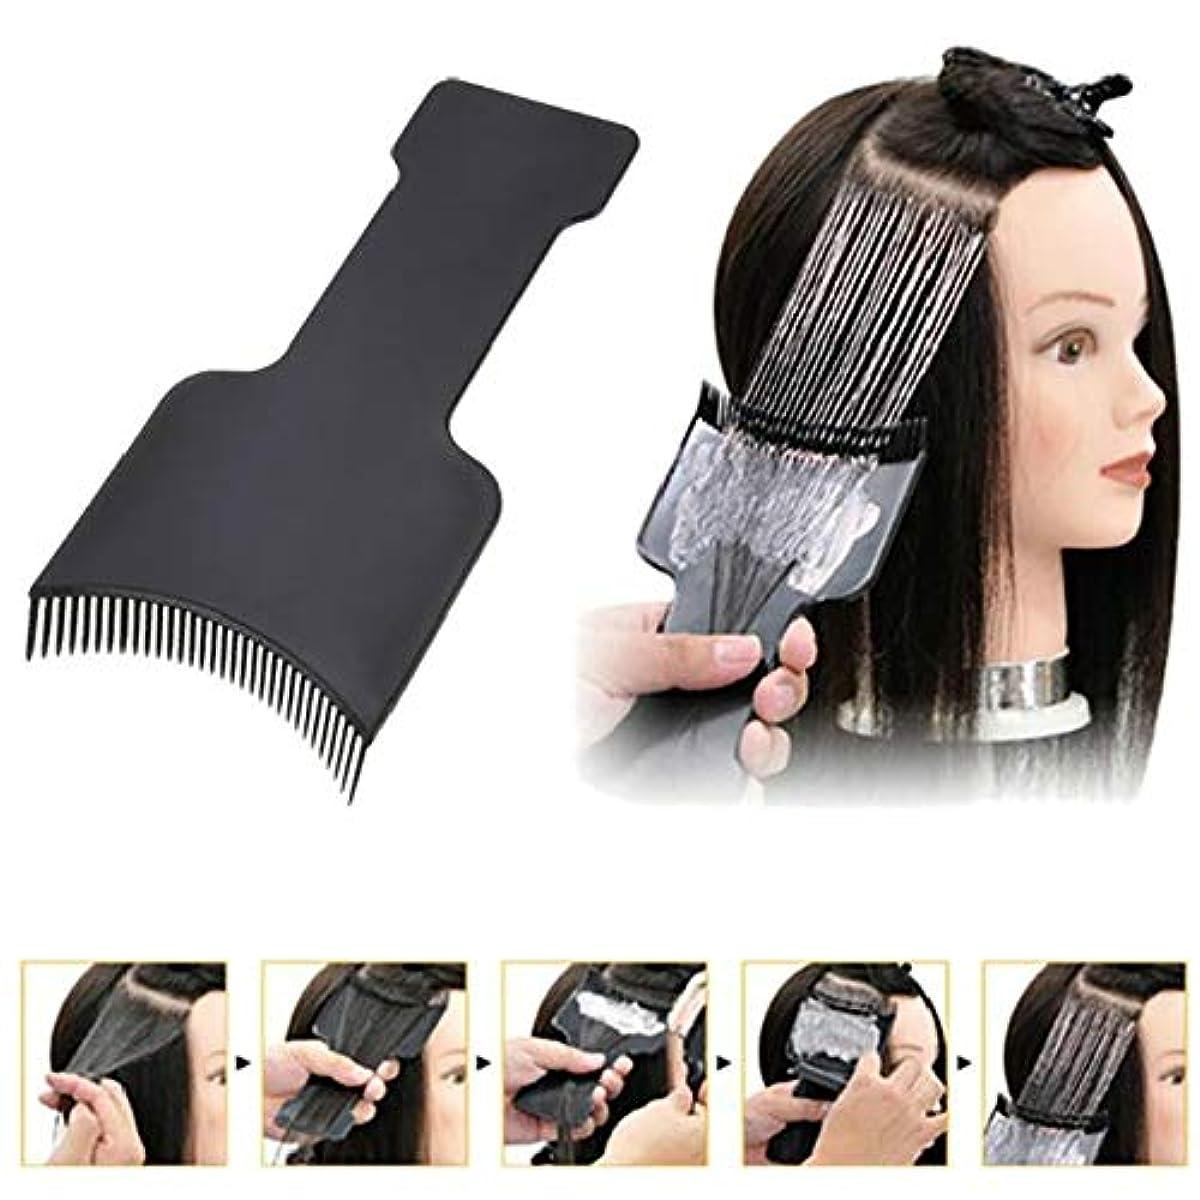 アーネストシャクルトン不公平検出プロのファッション理髪ヘアアプリケータブラシ調剤サロンヘアカラーリング染色ピックカラーボードヘアスタイリングツール (L,ブラック)